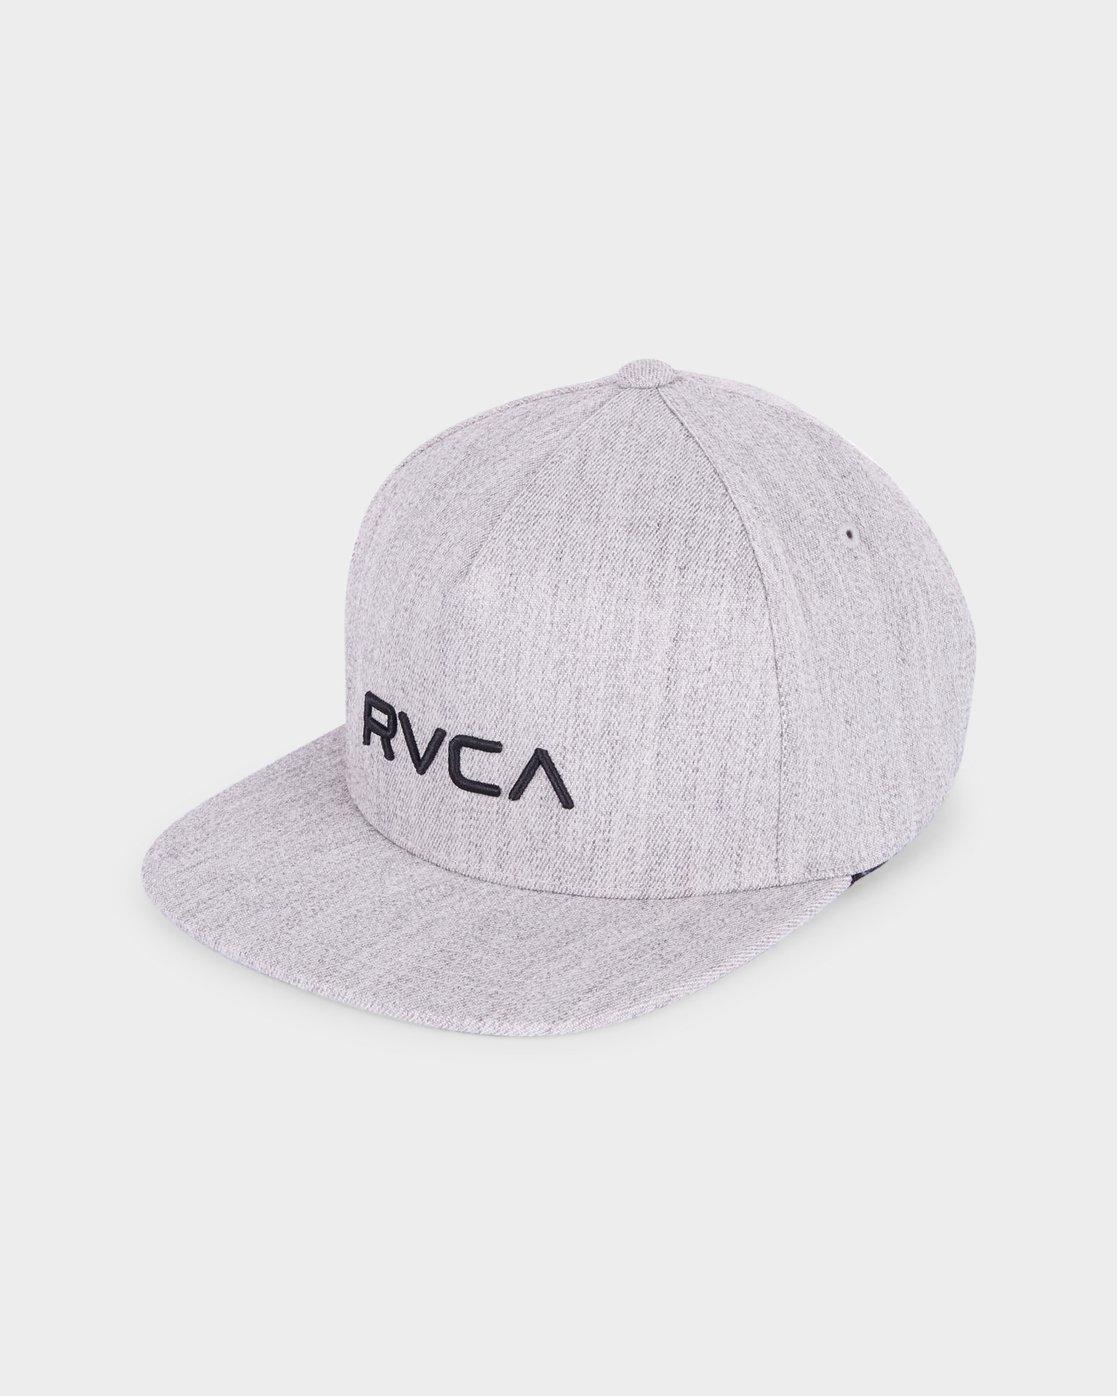 0 RVCA Sport Flexfit Cap Grey R381575 RVCA